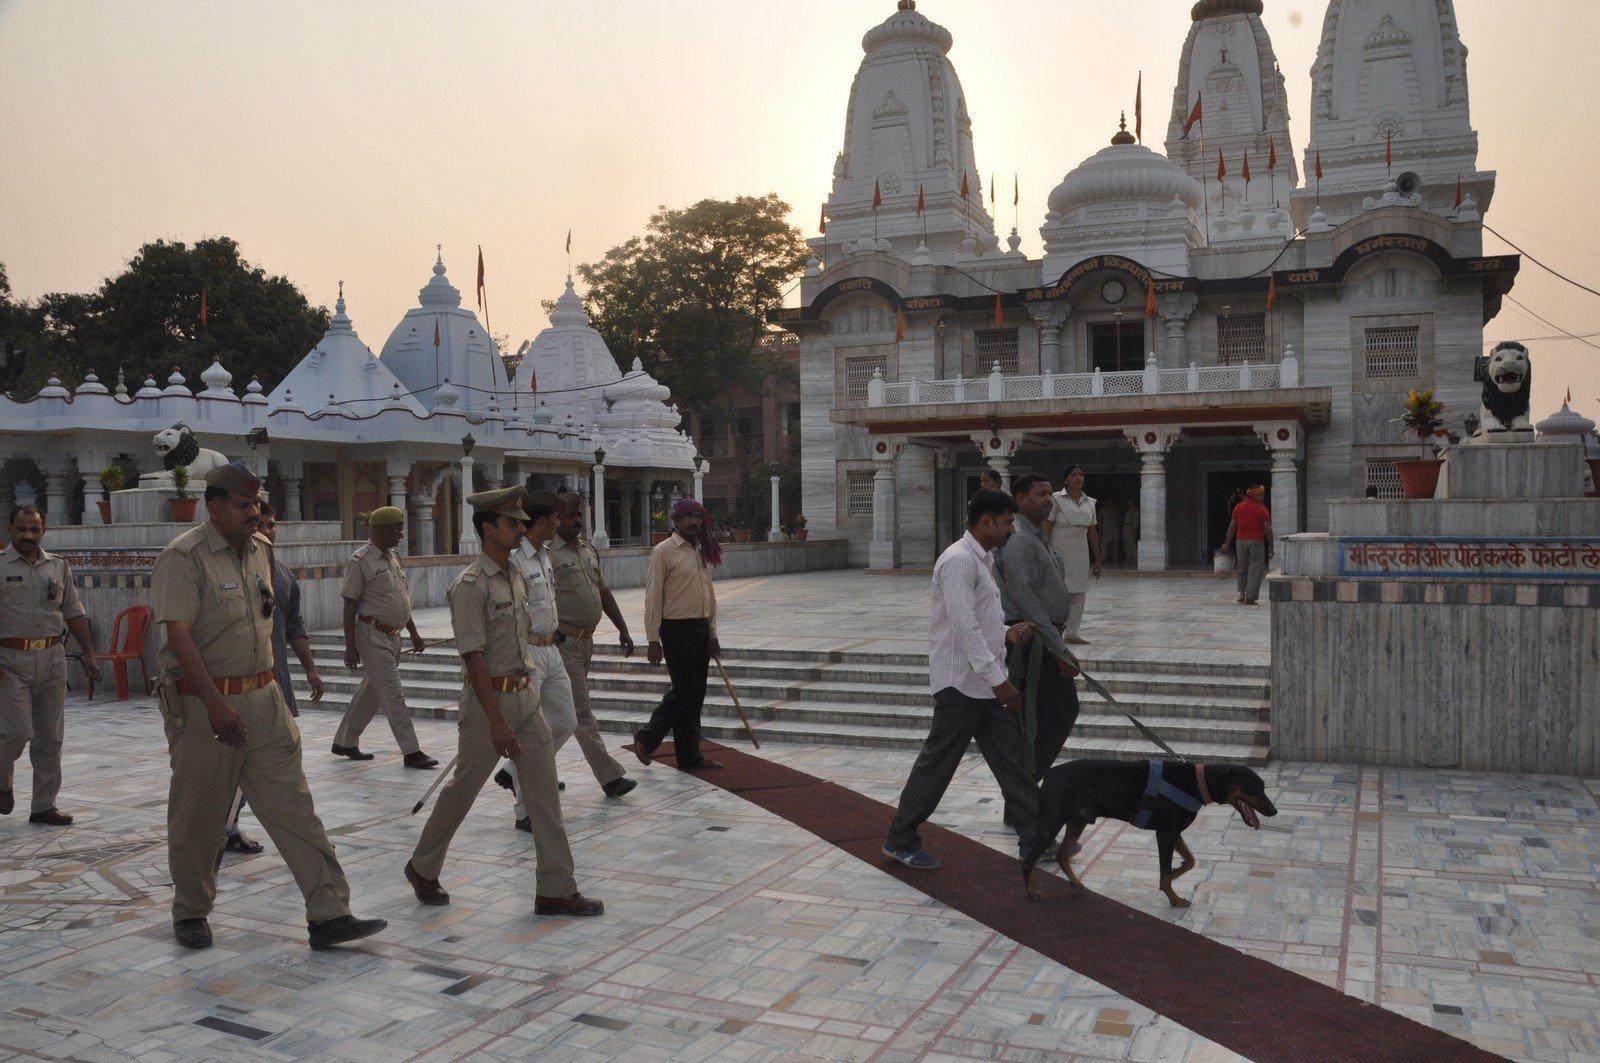 मंदिर की सुरक्षा व्यवस्था को मजबूत करने के लिए लगातार पुलिस-प्रशासन की टीमें काम कर रहीं हैं। - Dainik Bhaskar